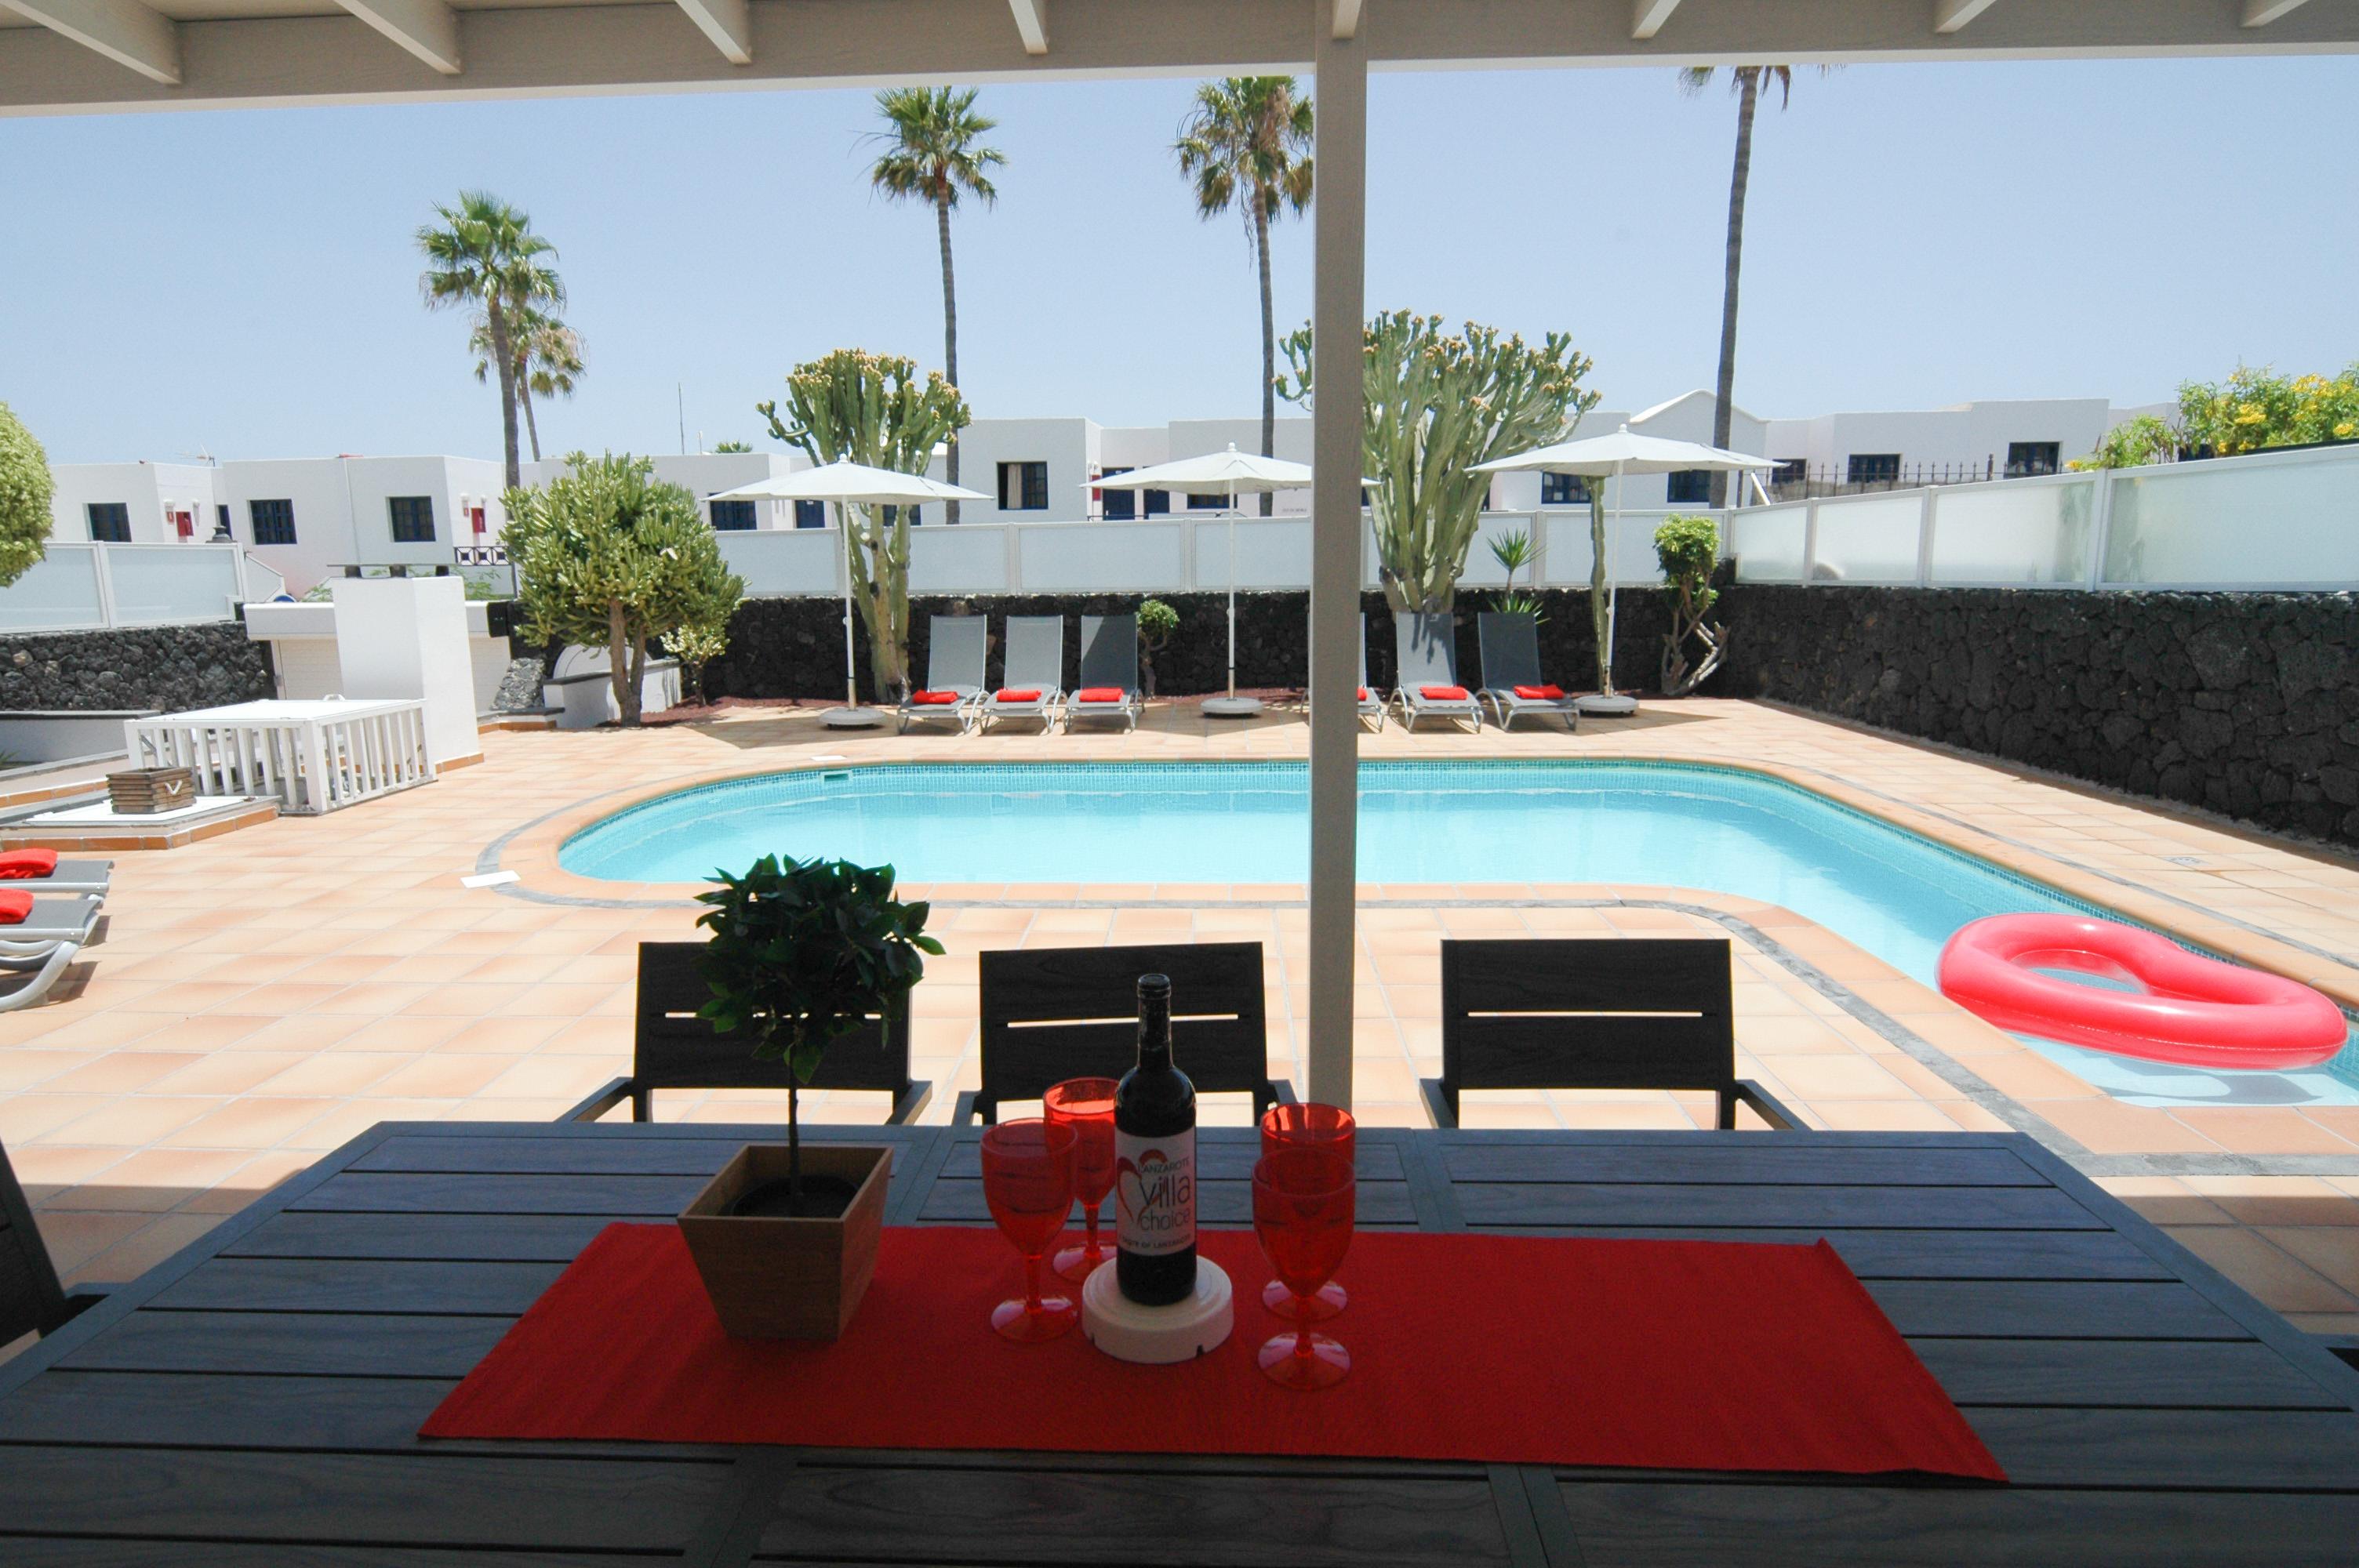 LVC327328 Spacious pool area